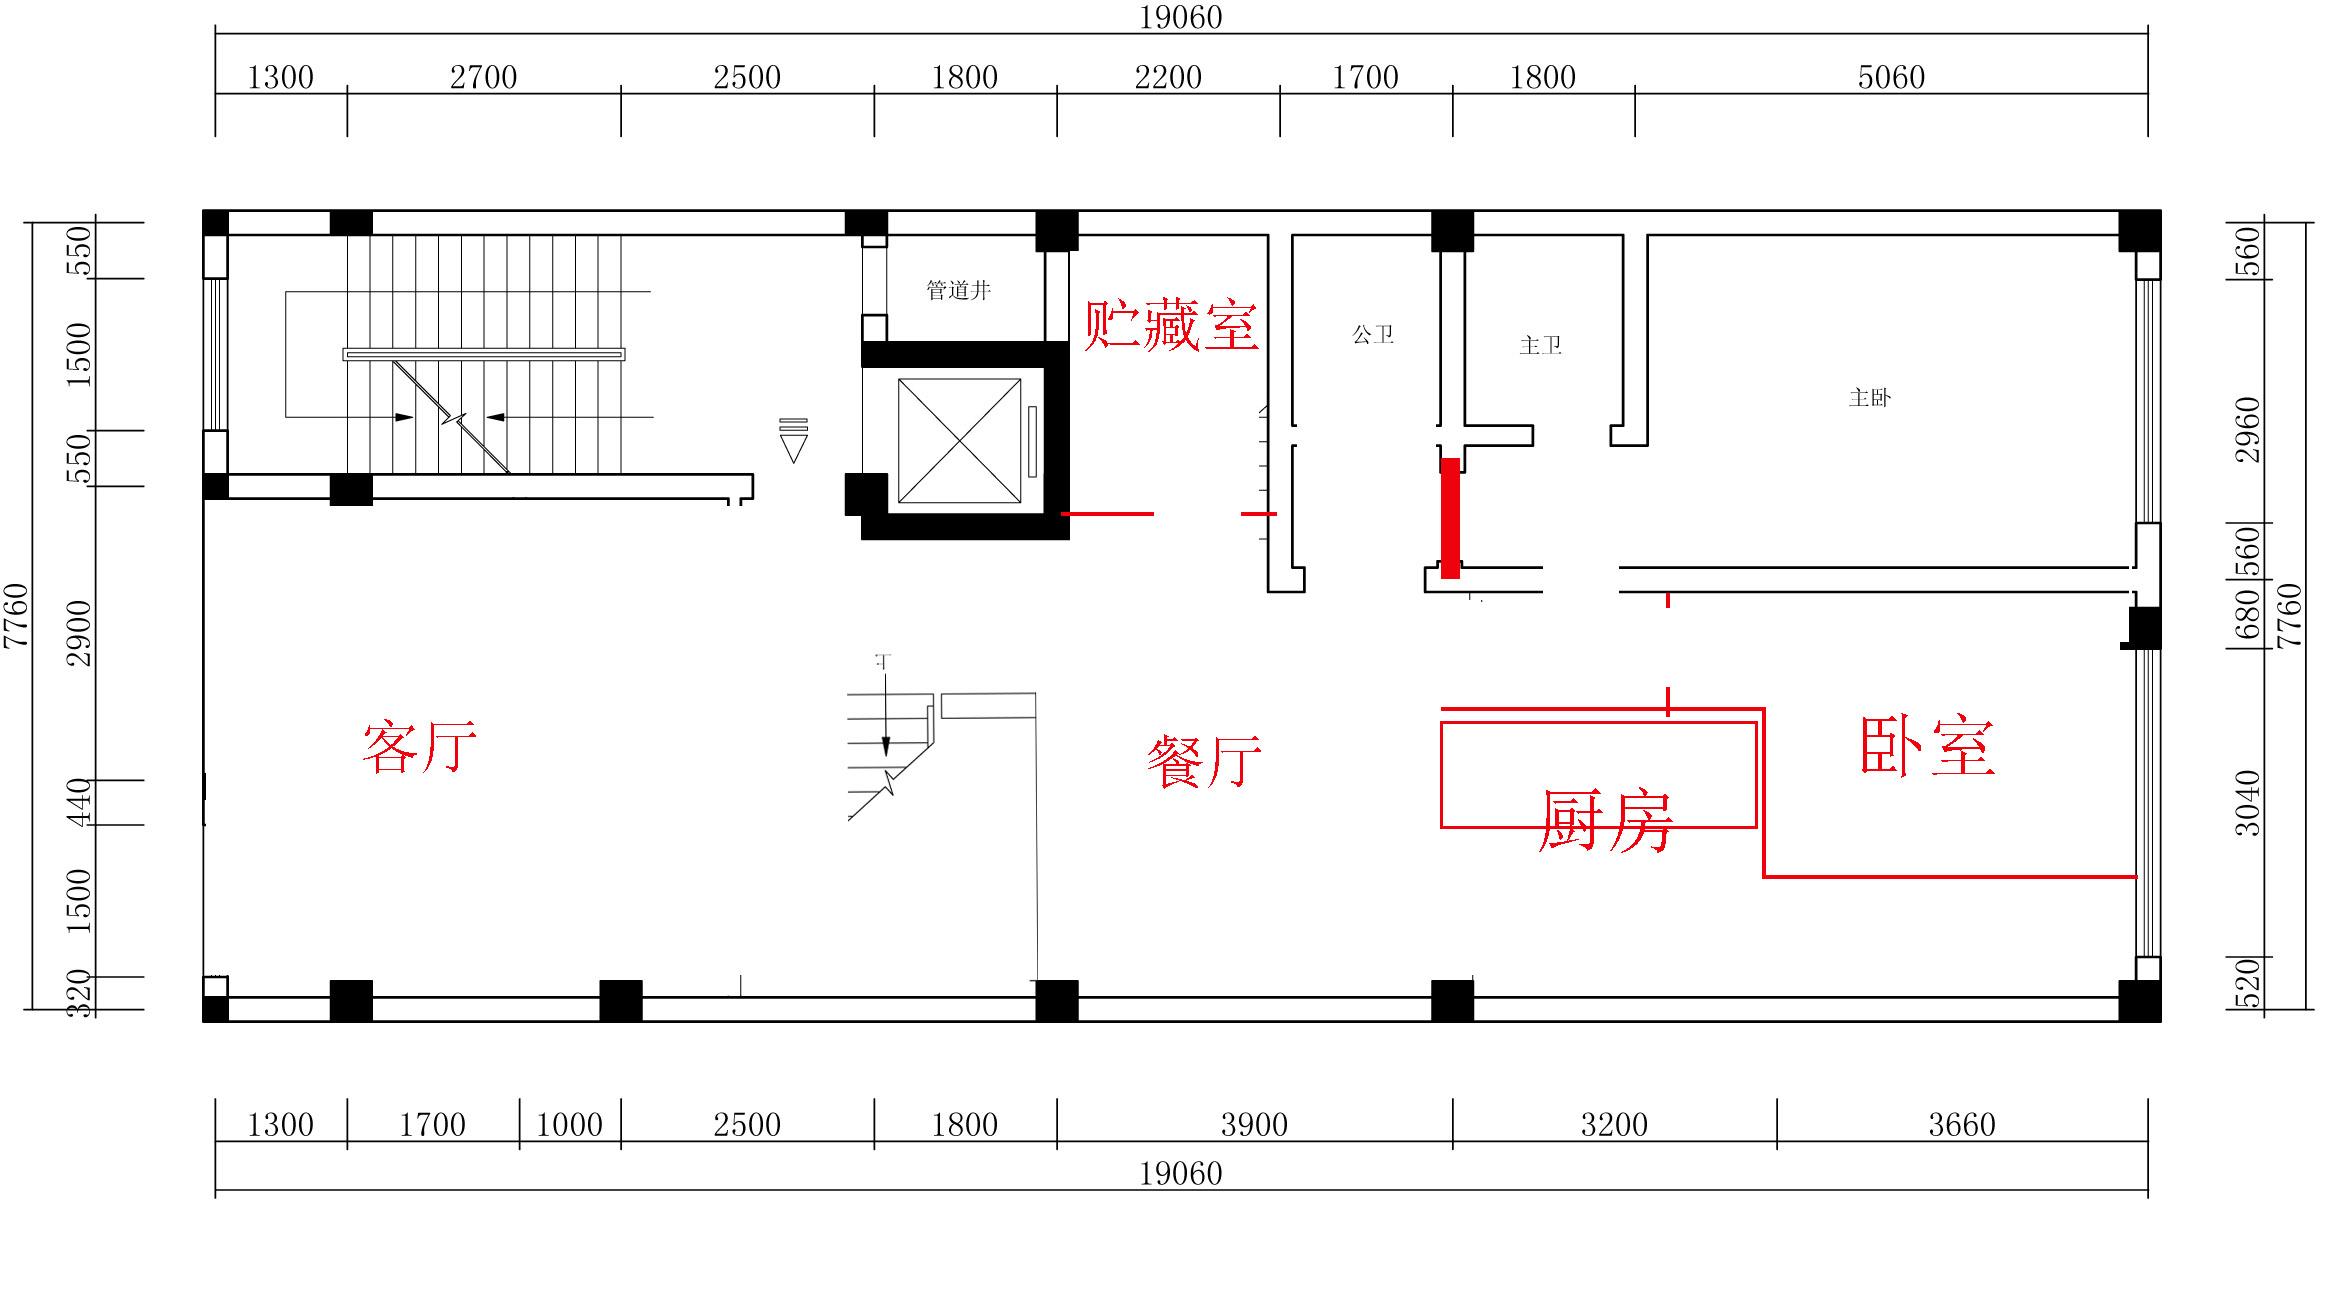 房屋结构设计装修 复式楼 5楼客厅上空挑空!或者有其他更好的方案吗?